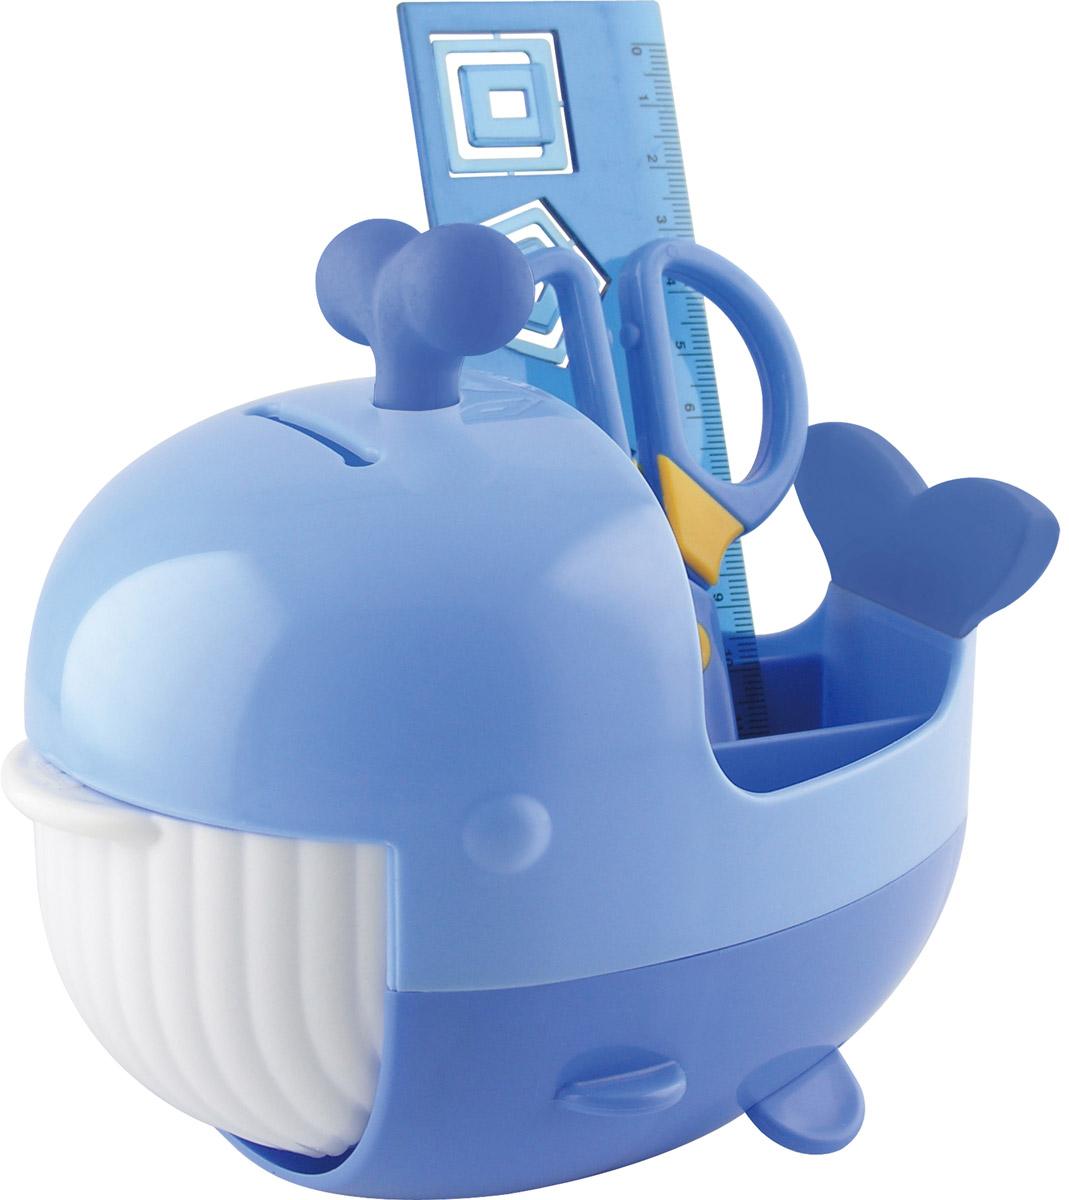 Brauberg Канцелярский набор Кит цвет синий 4 предмета trolls канцелярский набор 4 предмета